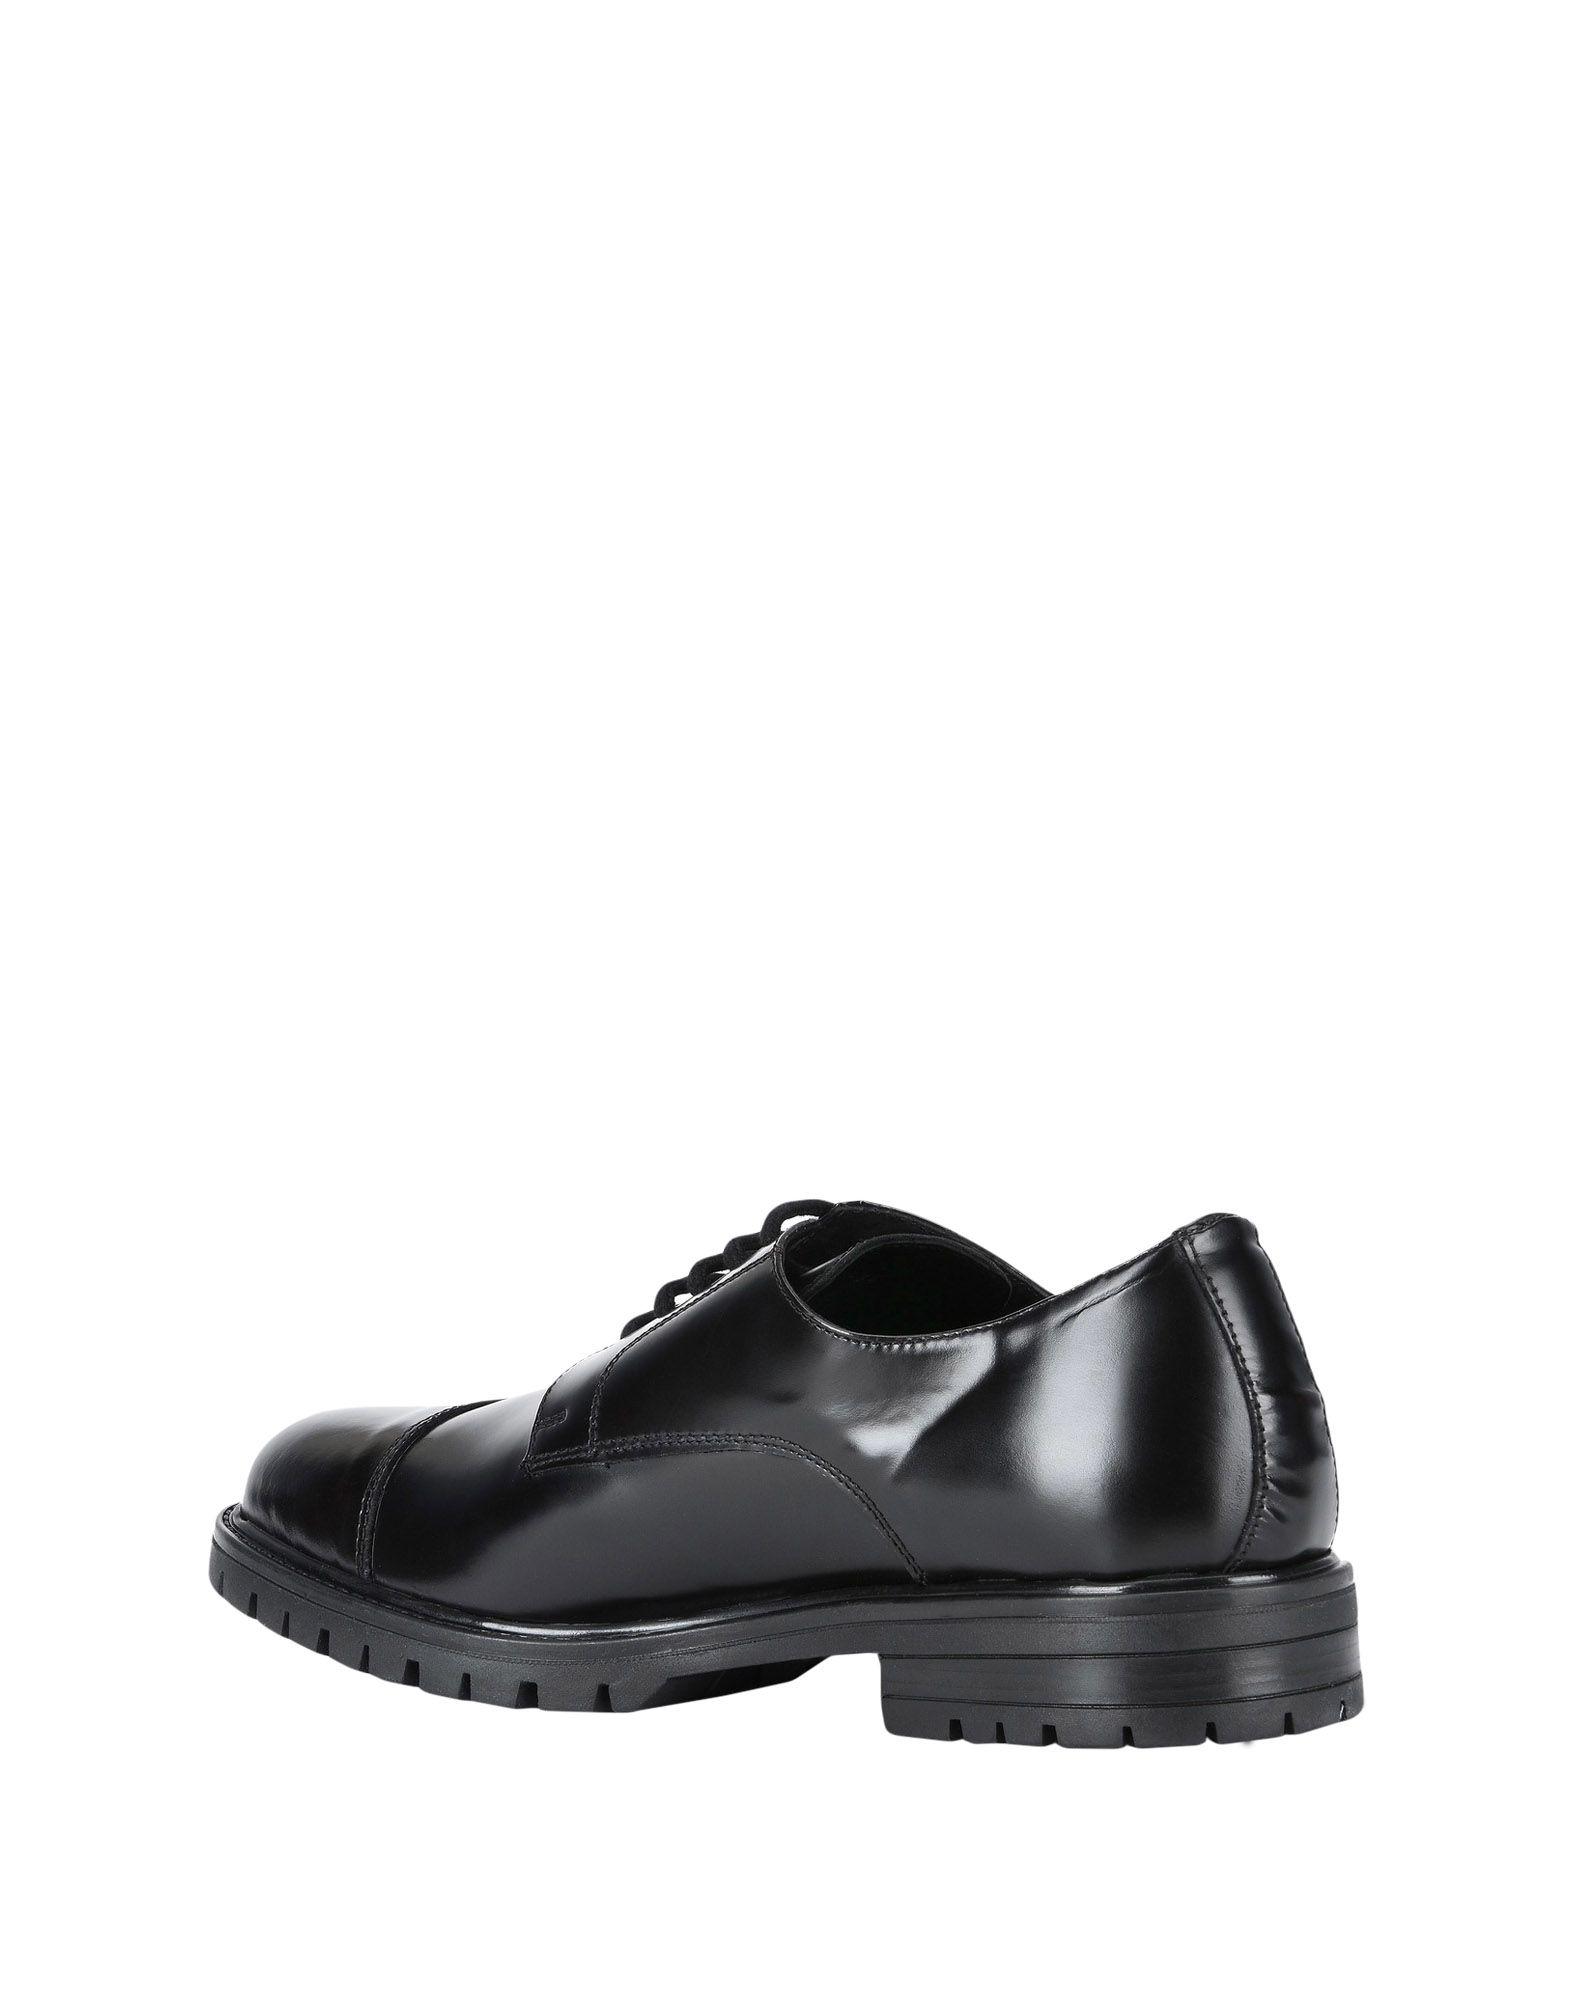 Ylati Heritage Schnürschuhe Herren  11482889AA Gute Gute Gute Qualität beliebte Schuhe 956b86